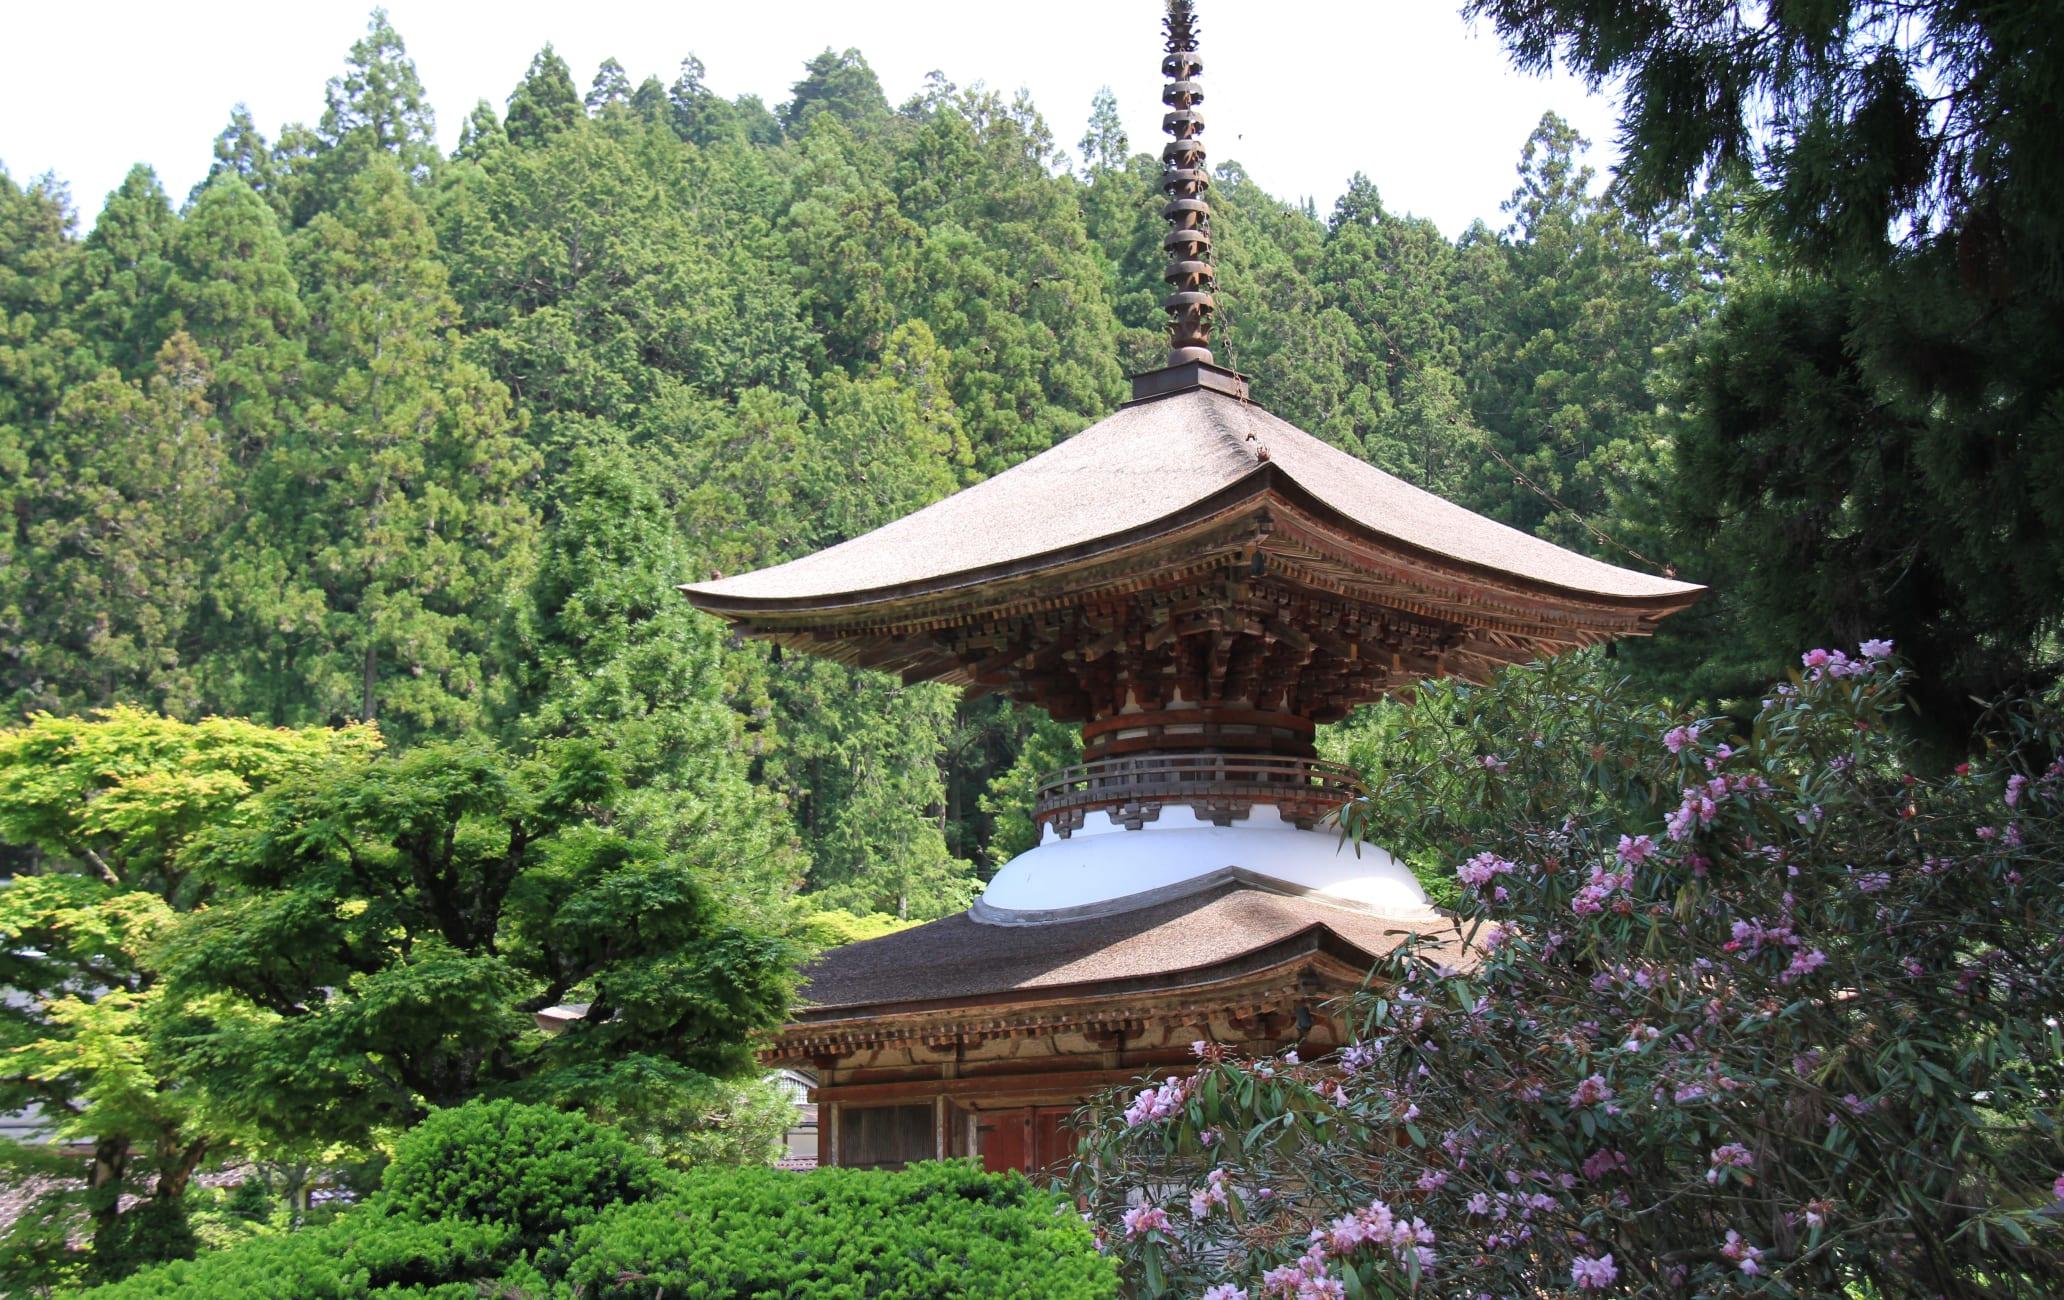 Kongosanmai-in Temple